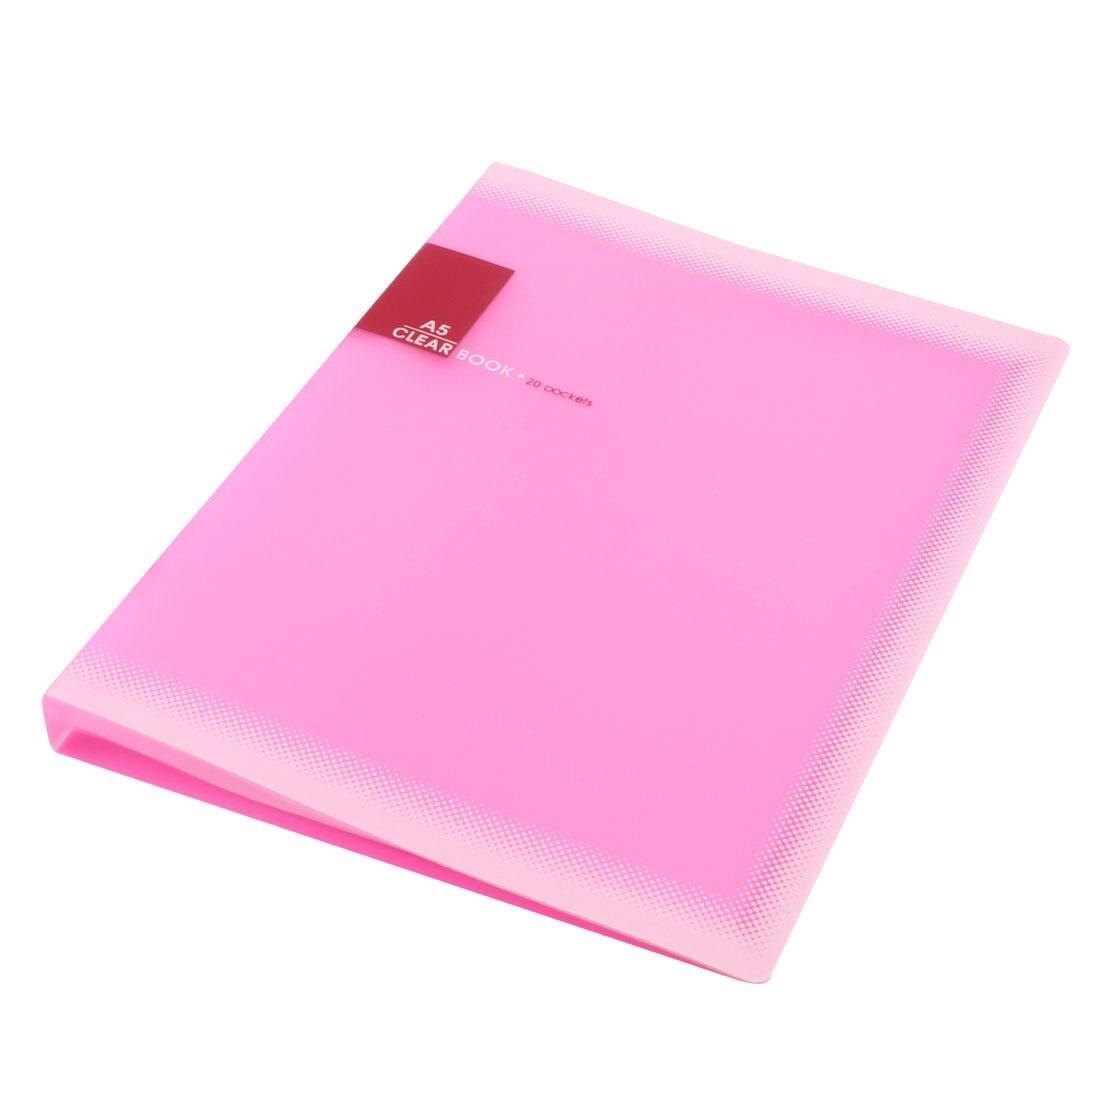 Plastic A5 Paper 20 Pockets File Document Folder Holder, Pink